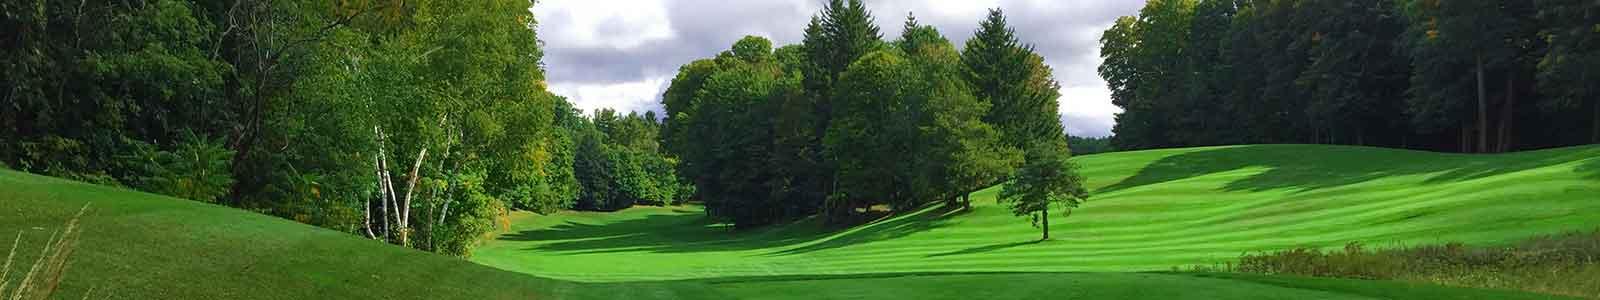 golf leagues at Pheasant Run